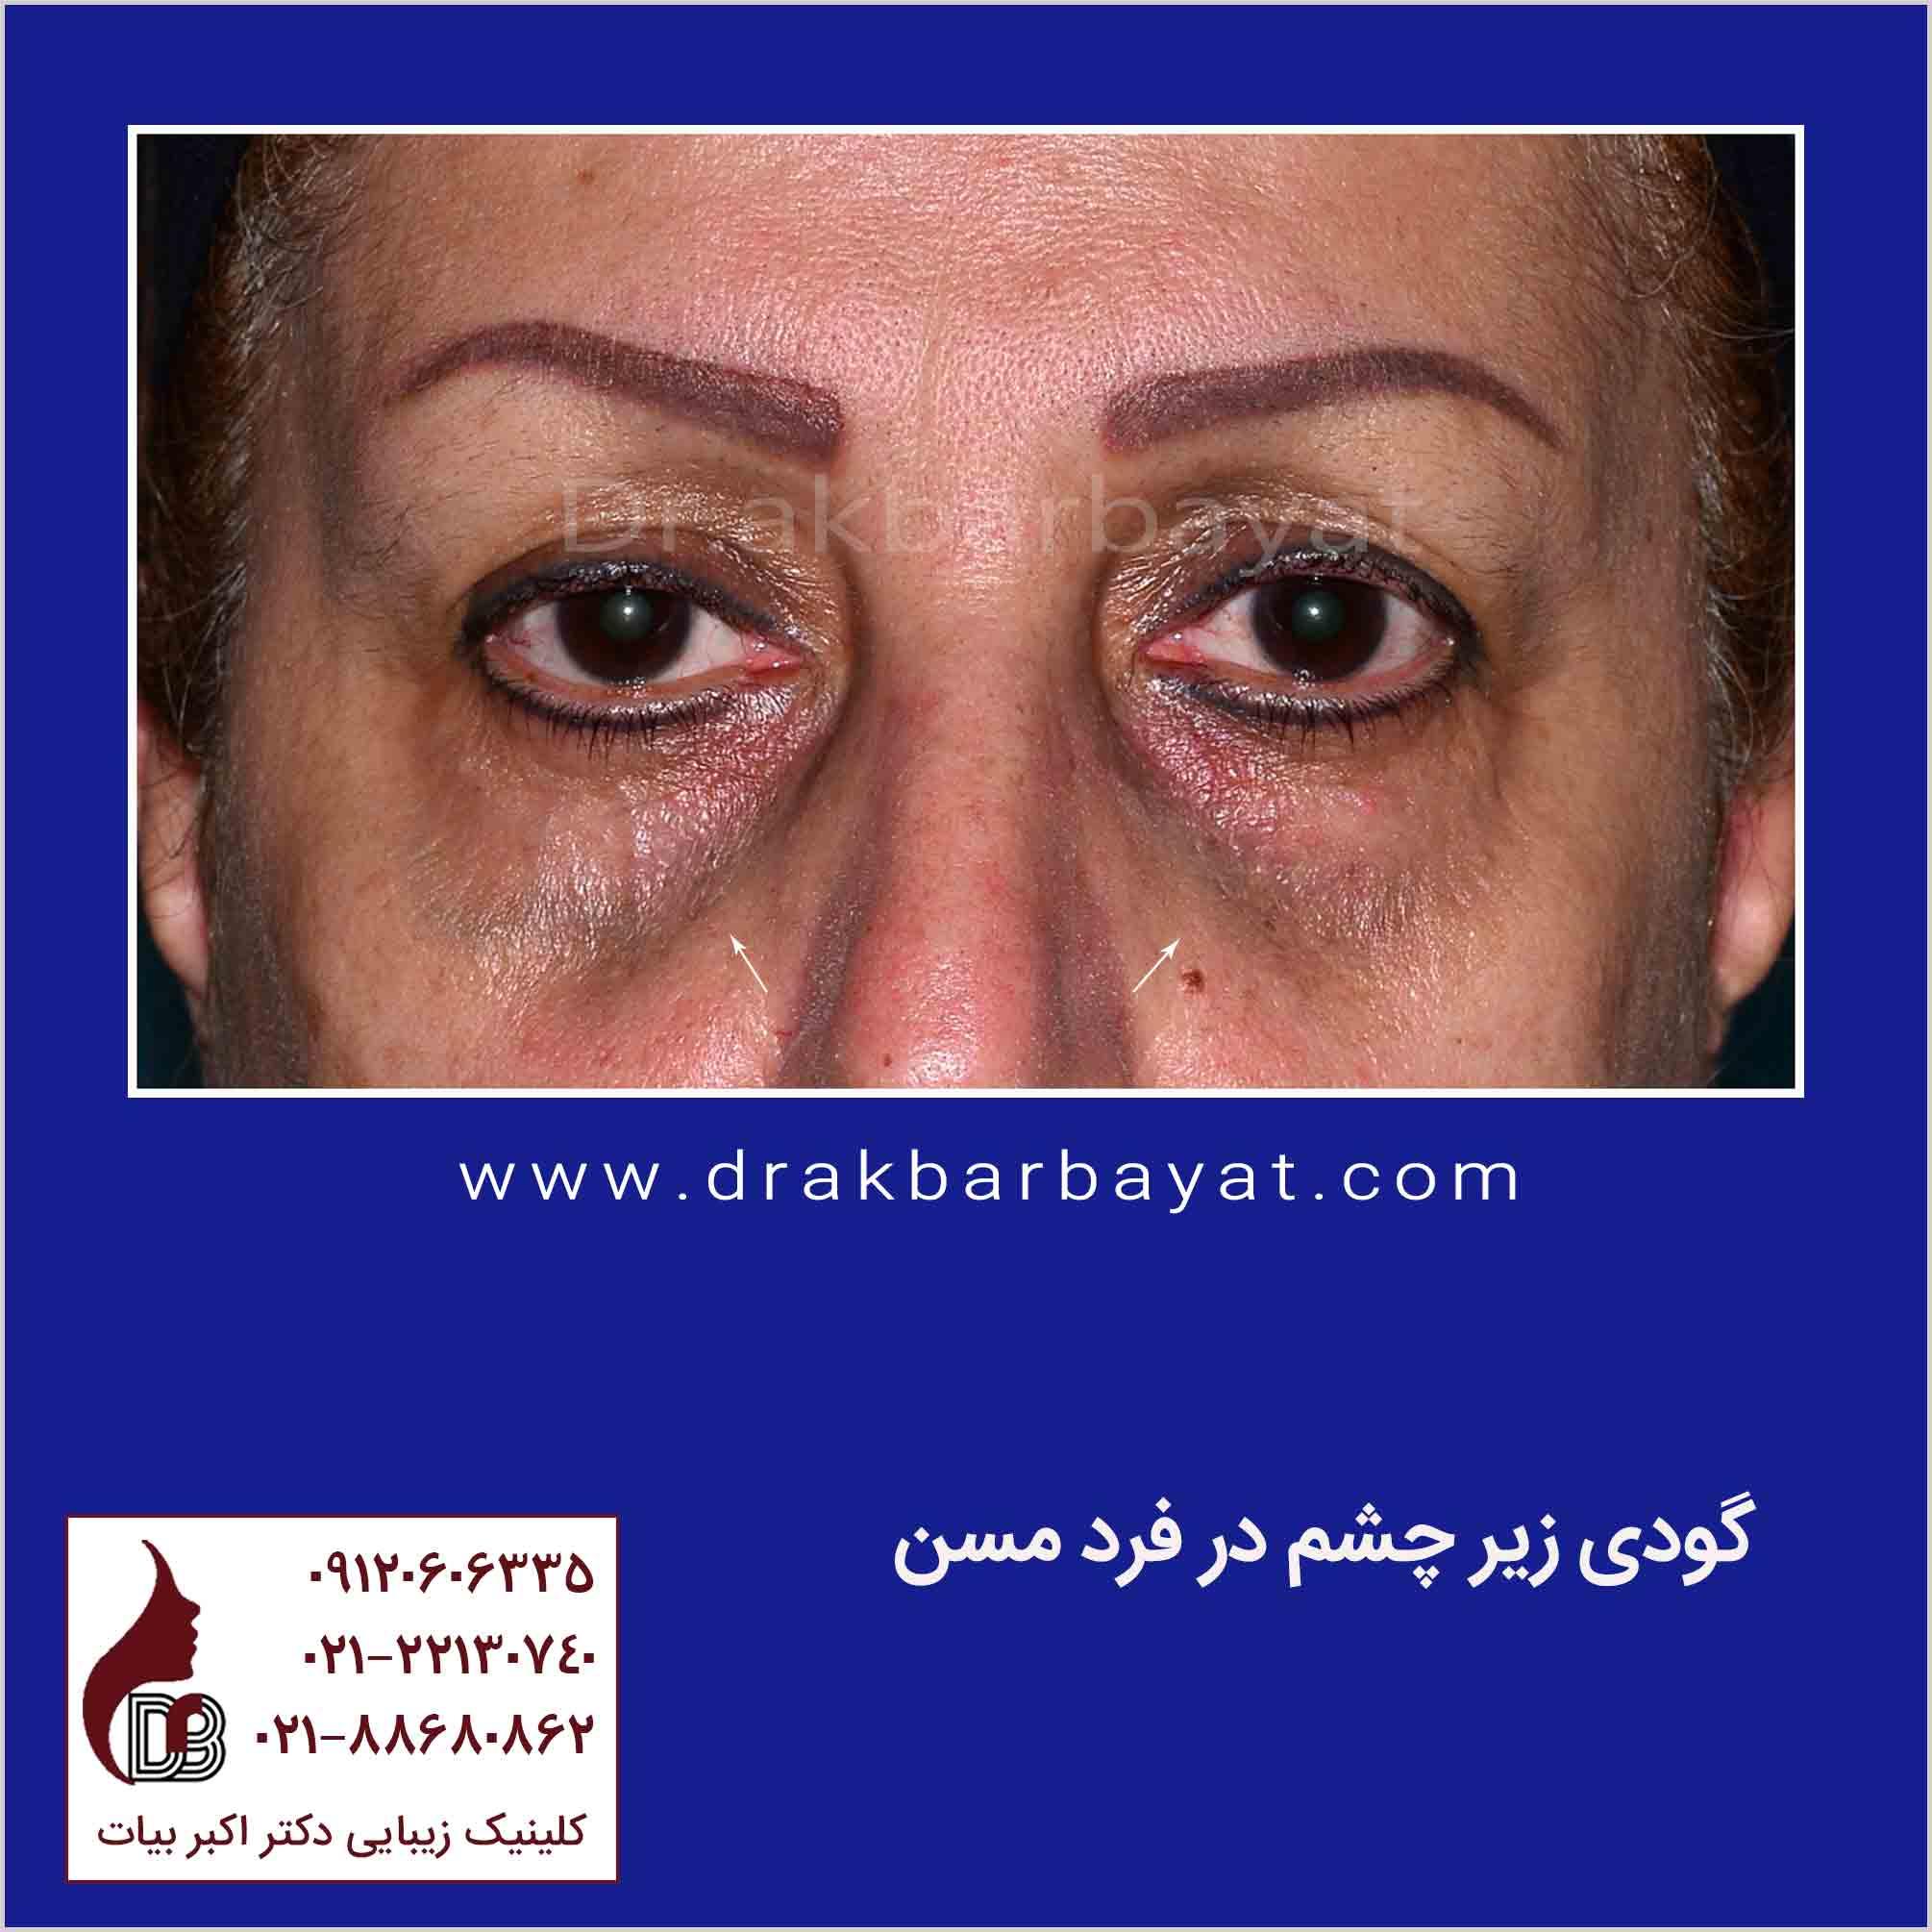 گودی زیر چشم | جوانسازی صورت | جوان سازی صورت